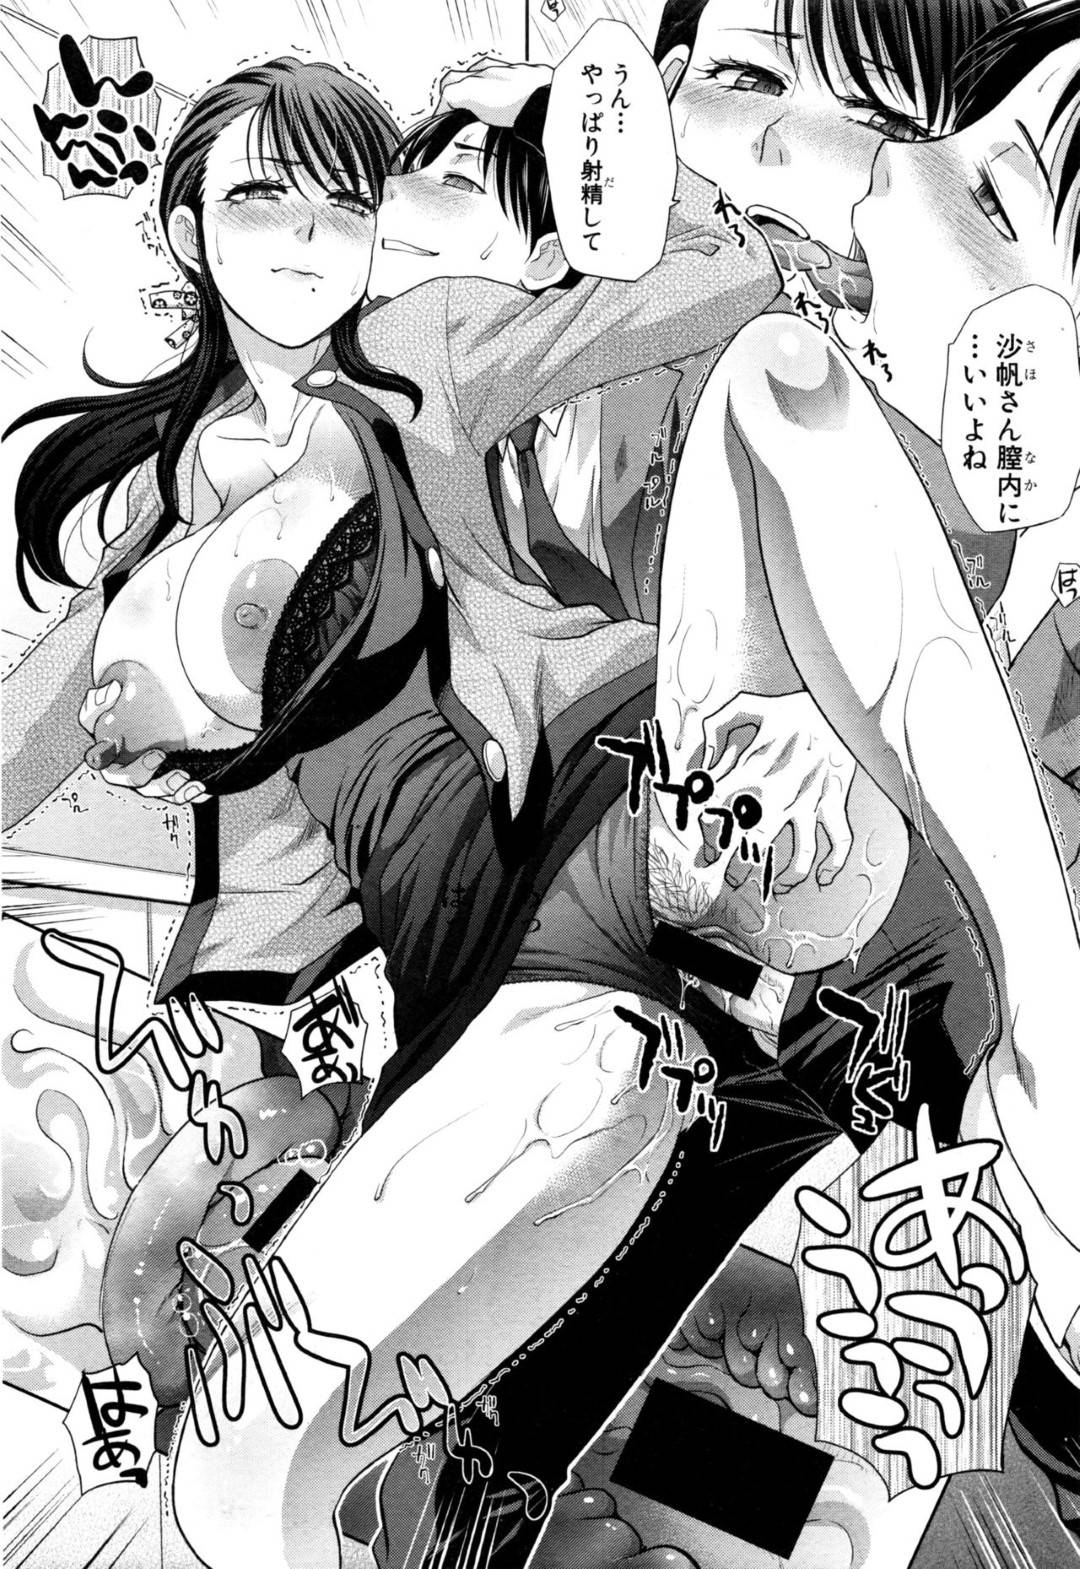 【エロ漫画】JS娘と仲の良いショタが悪戯に射精していたためショタをお風呂に入れる巨乳母…射精を病気だと思って落ち込むショタを慰めるためフェラをしてもう一度射精させながら説明する!【板場広し】